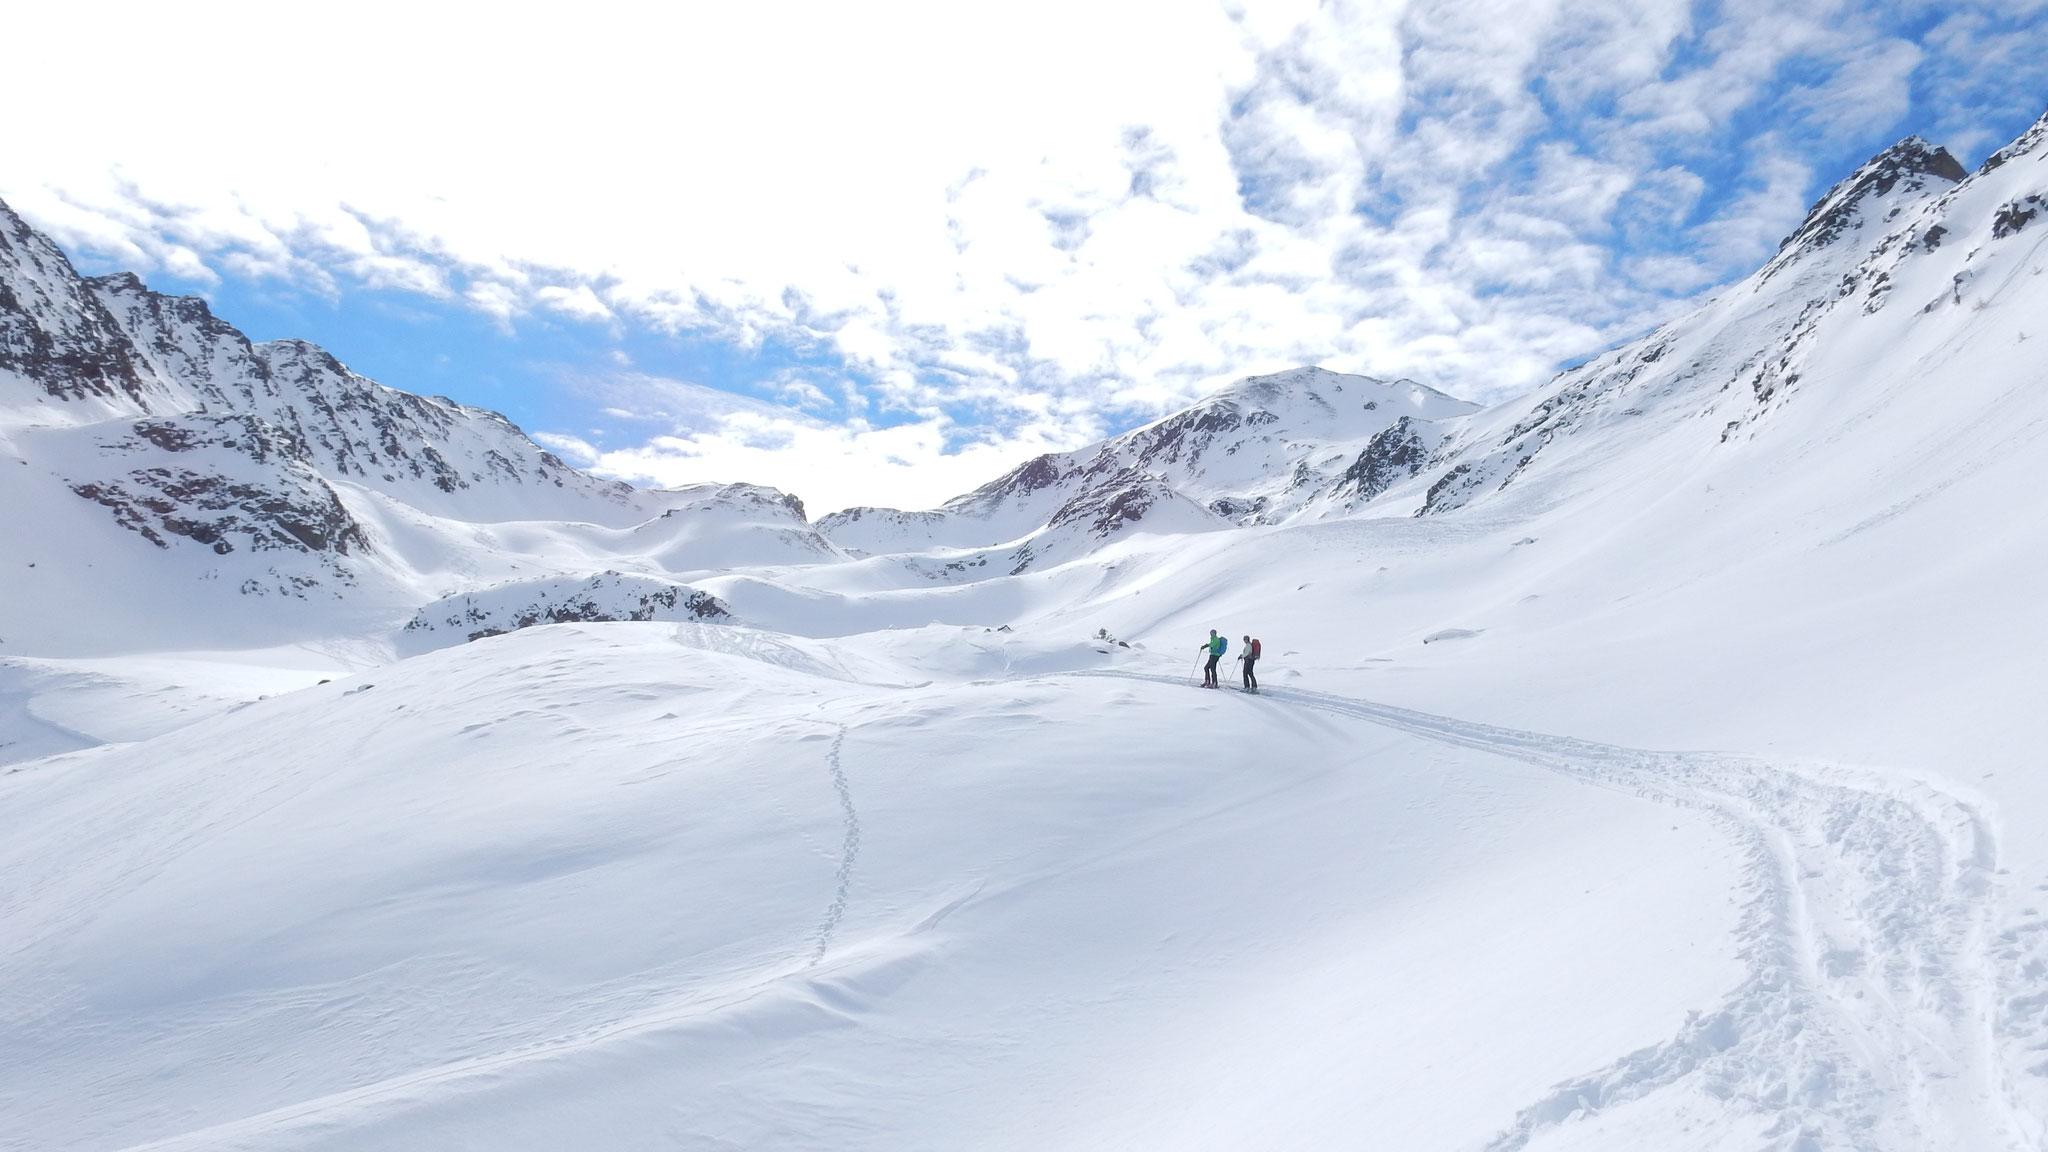 von der Sessellift Bergstation geht's ins Tal zwischen Zehner und Zwölfer hinein